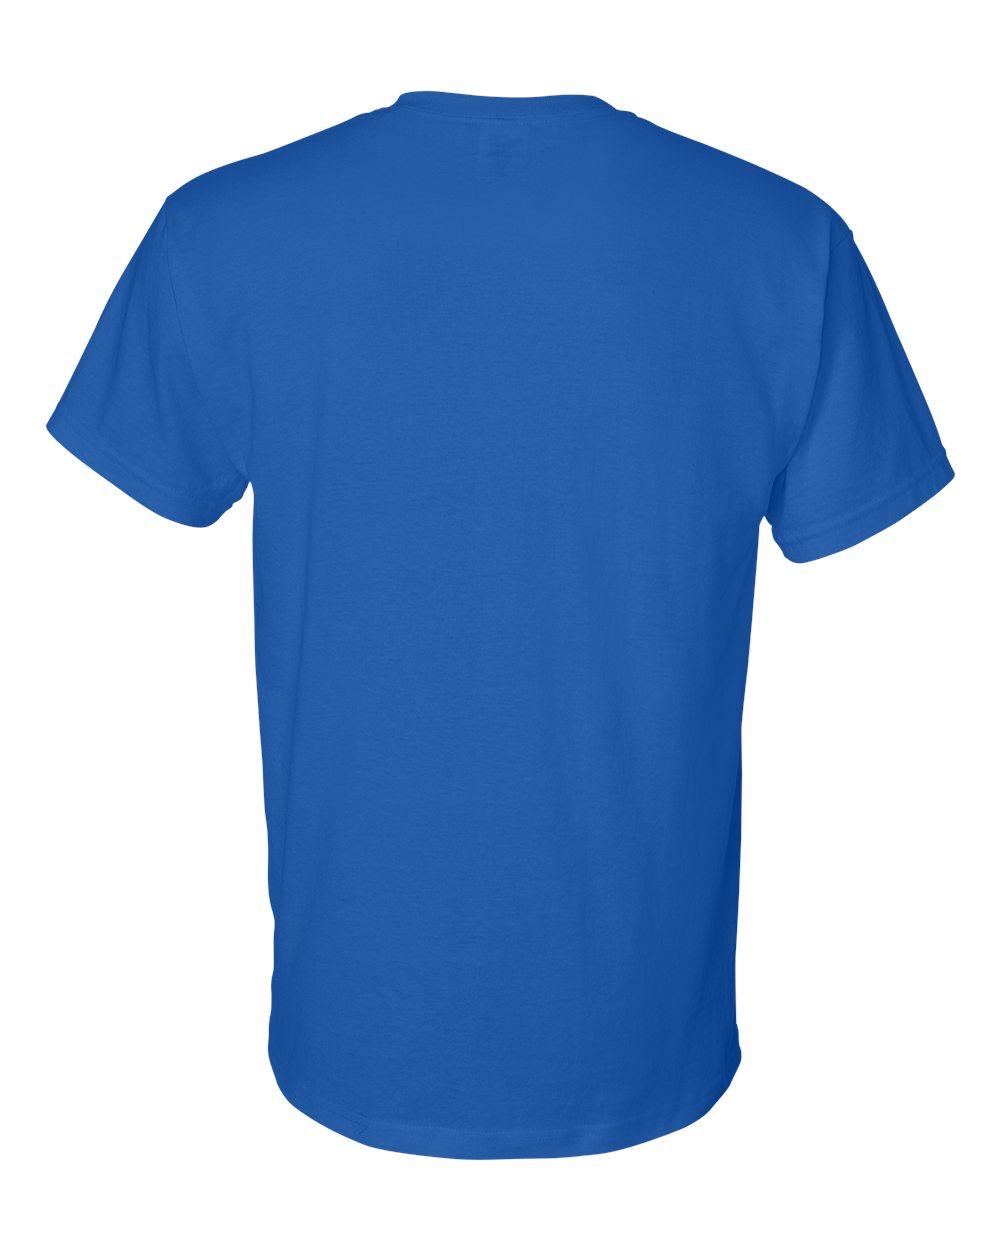 Gildan-Mens-DryBlend-5-6-oz-50-50-T-Shirt-G800-Size-S-5XL thumbnail 75